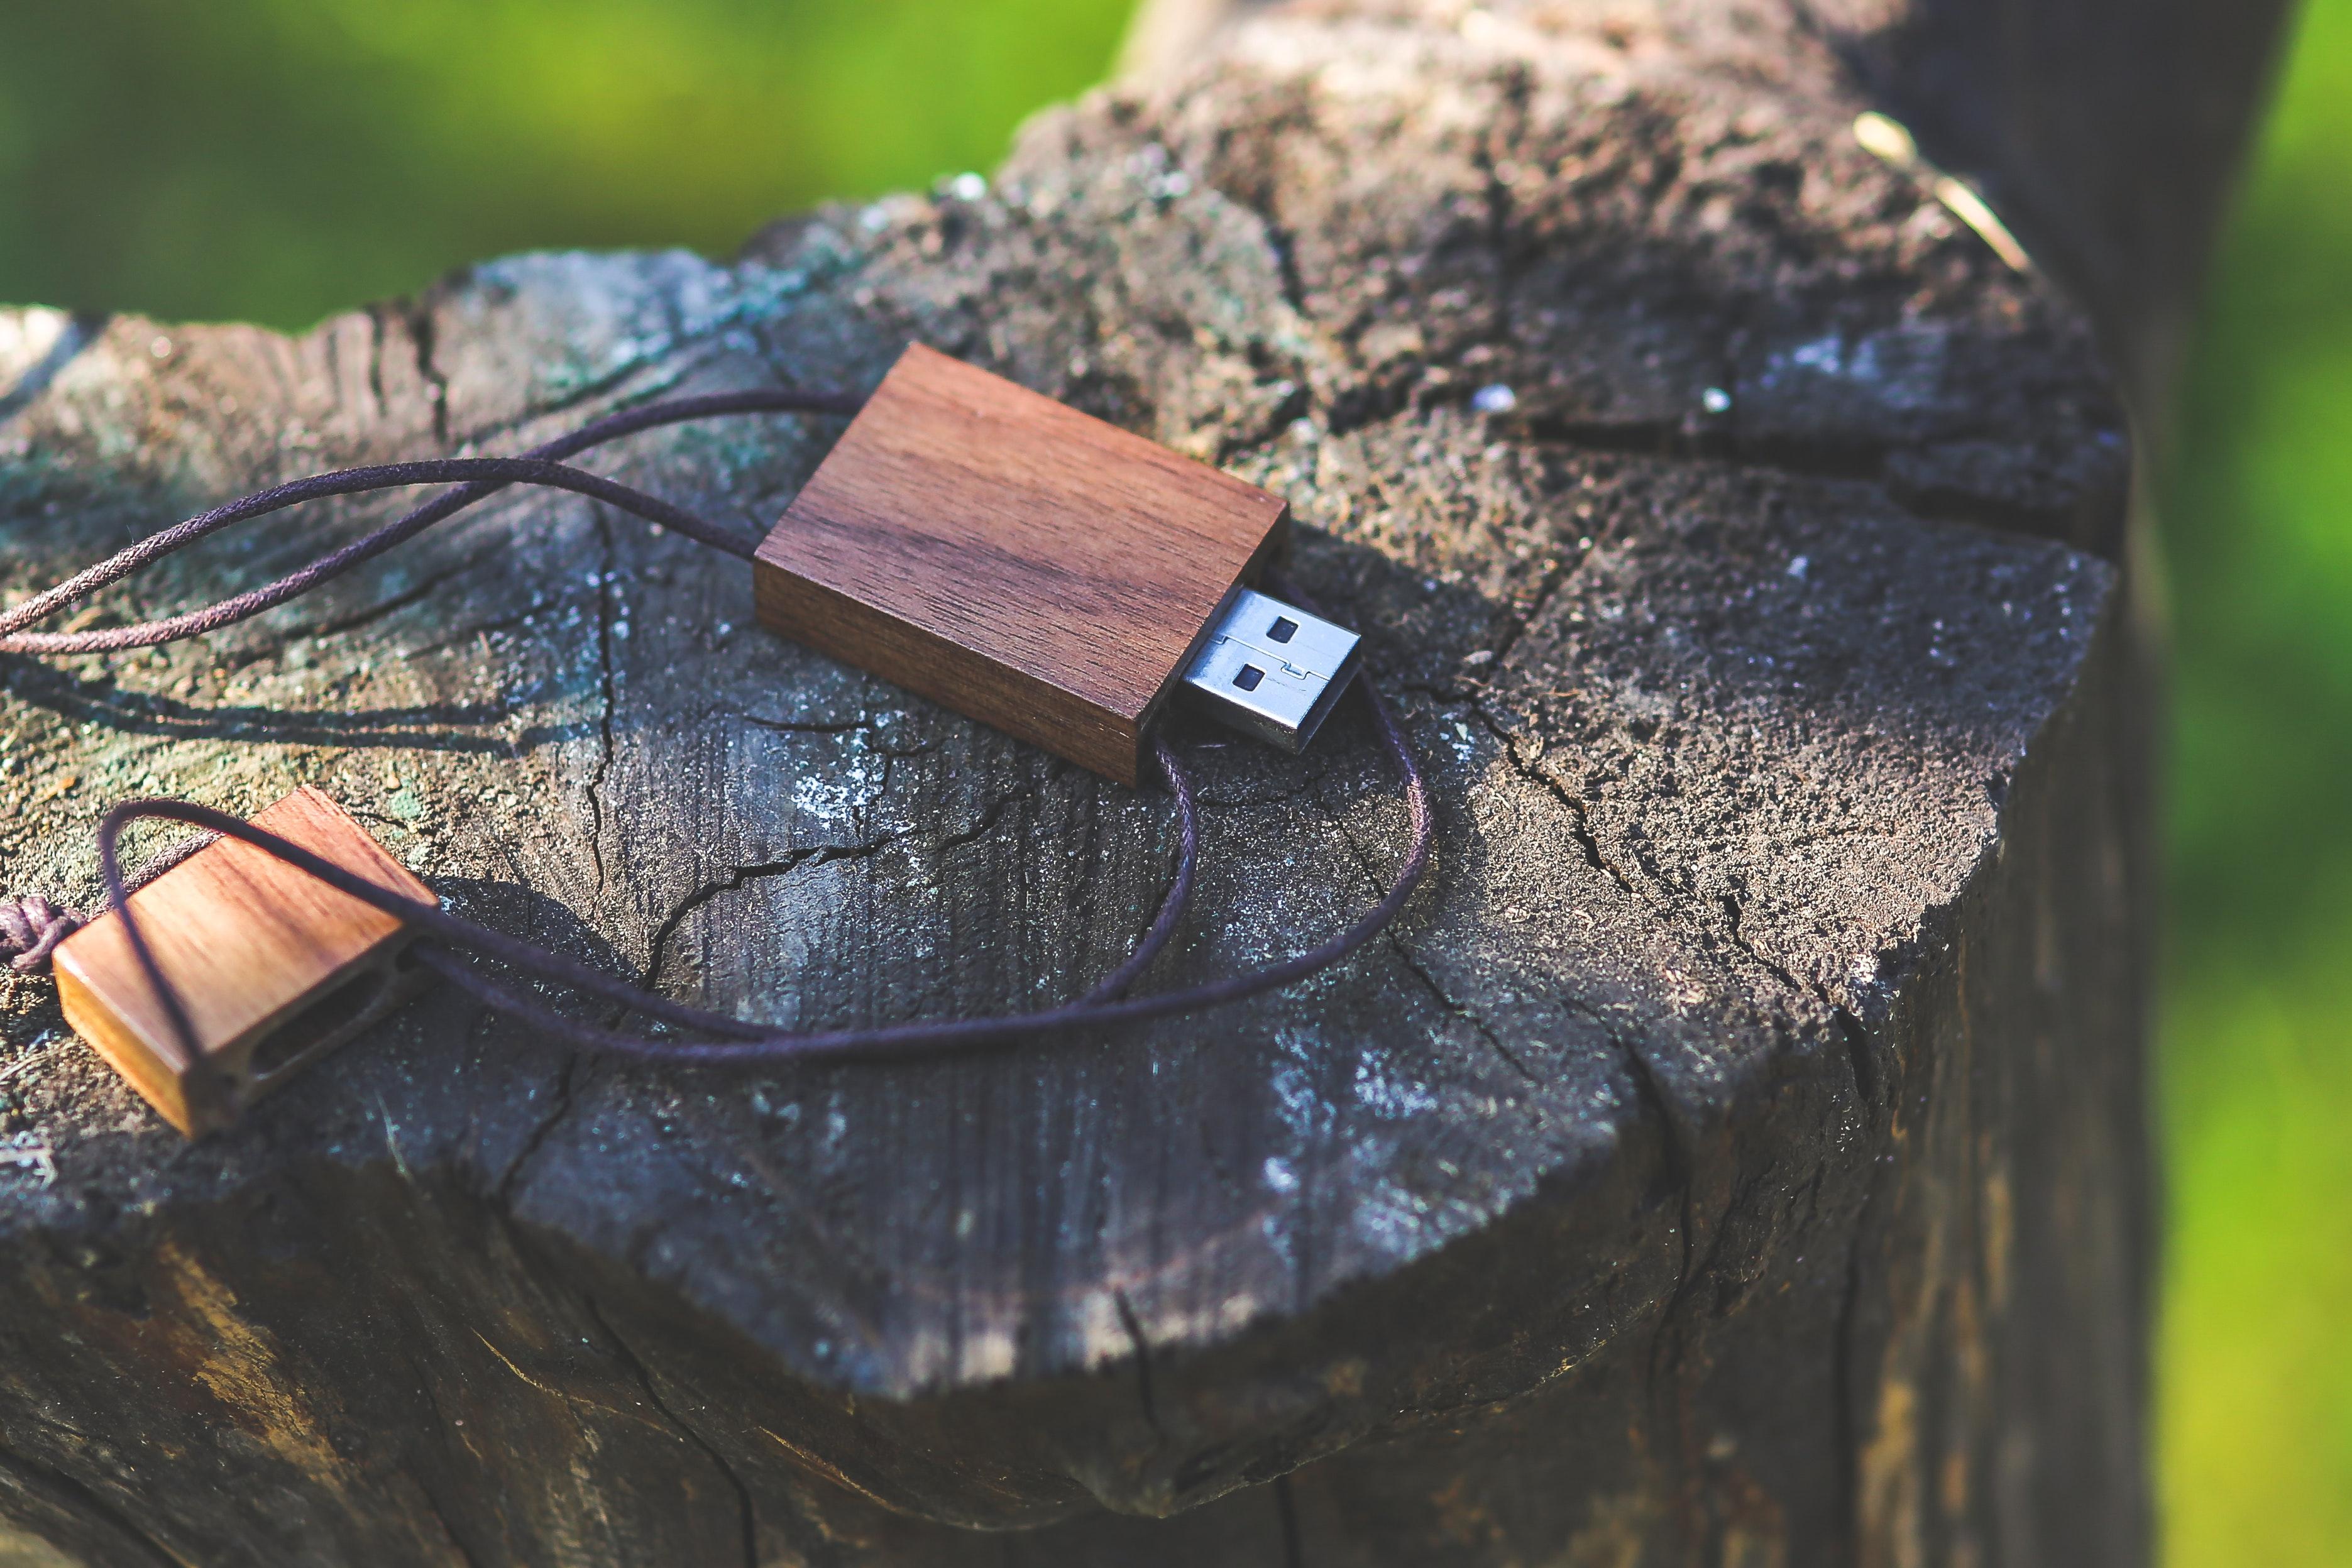 clé usb sur souche d'arbre